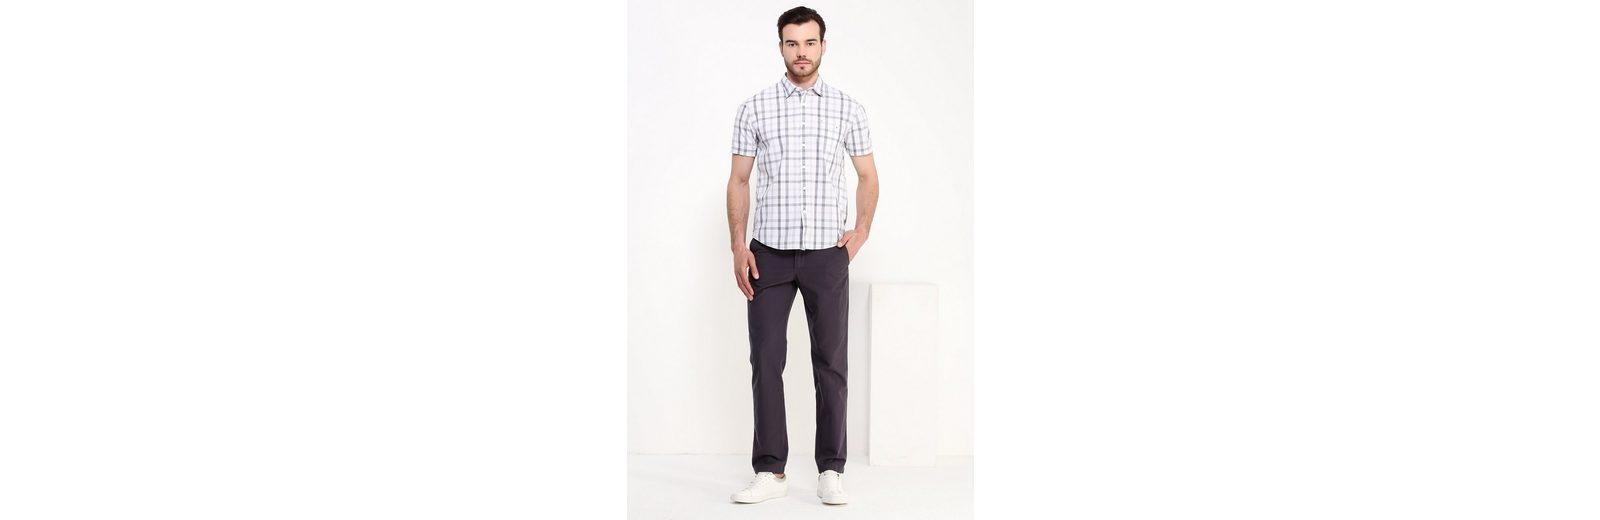 Finn Flare Hemd mit Karo-Design Preise Günstig Online Mode Online-Verkauf tijxVpc